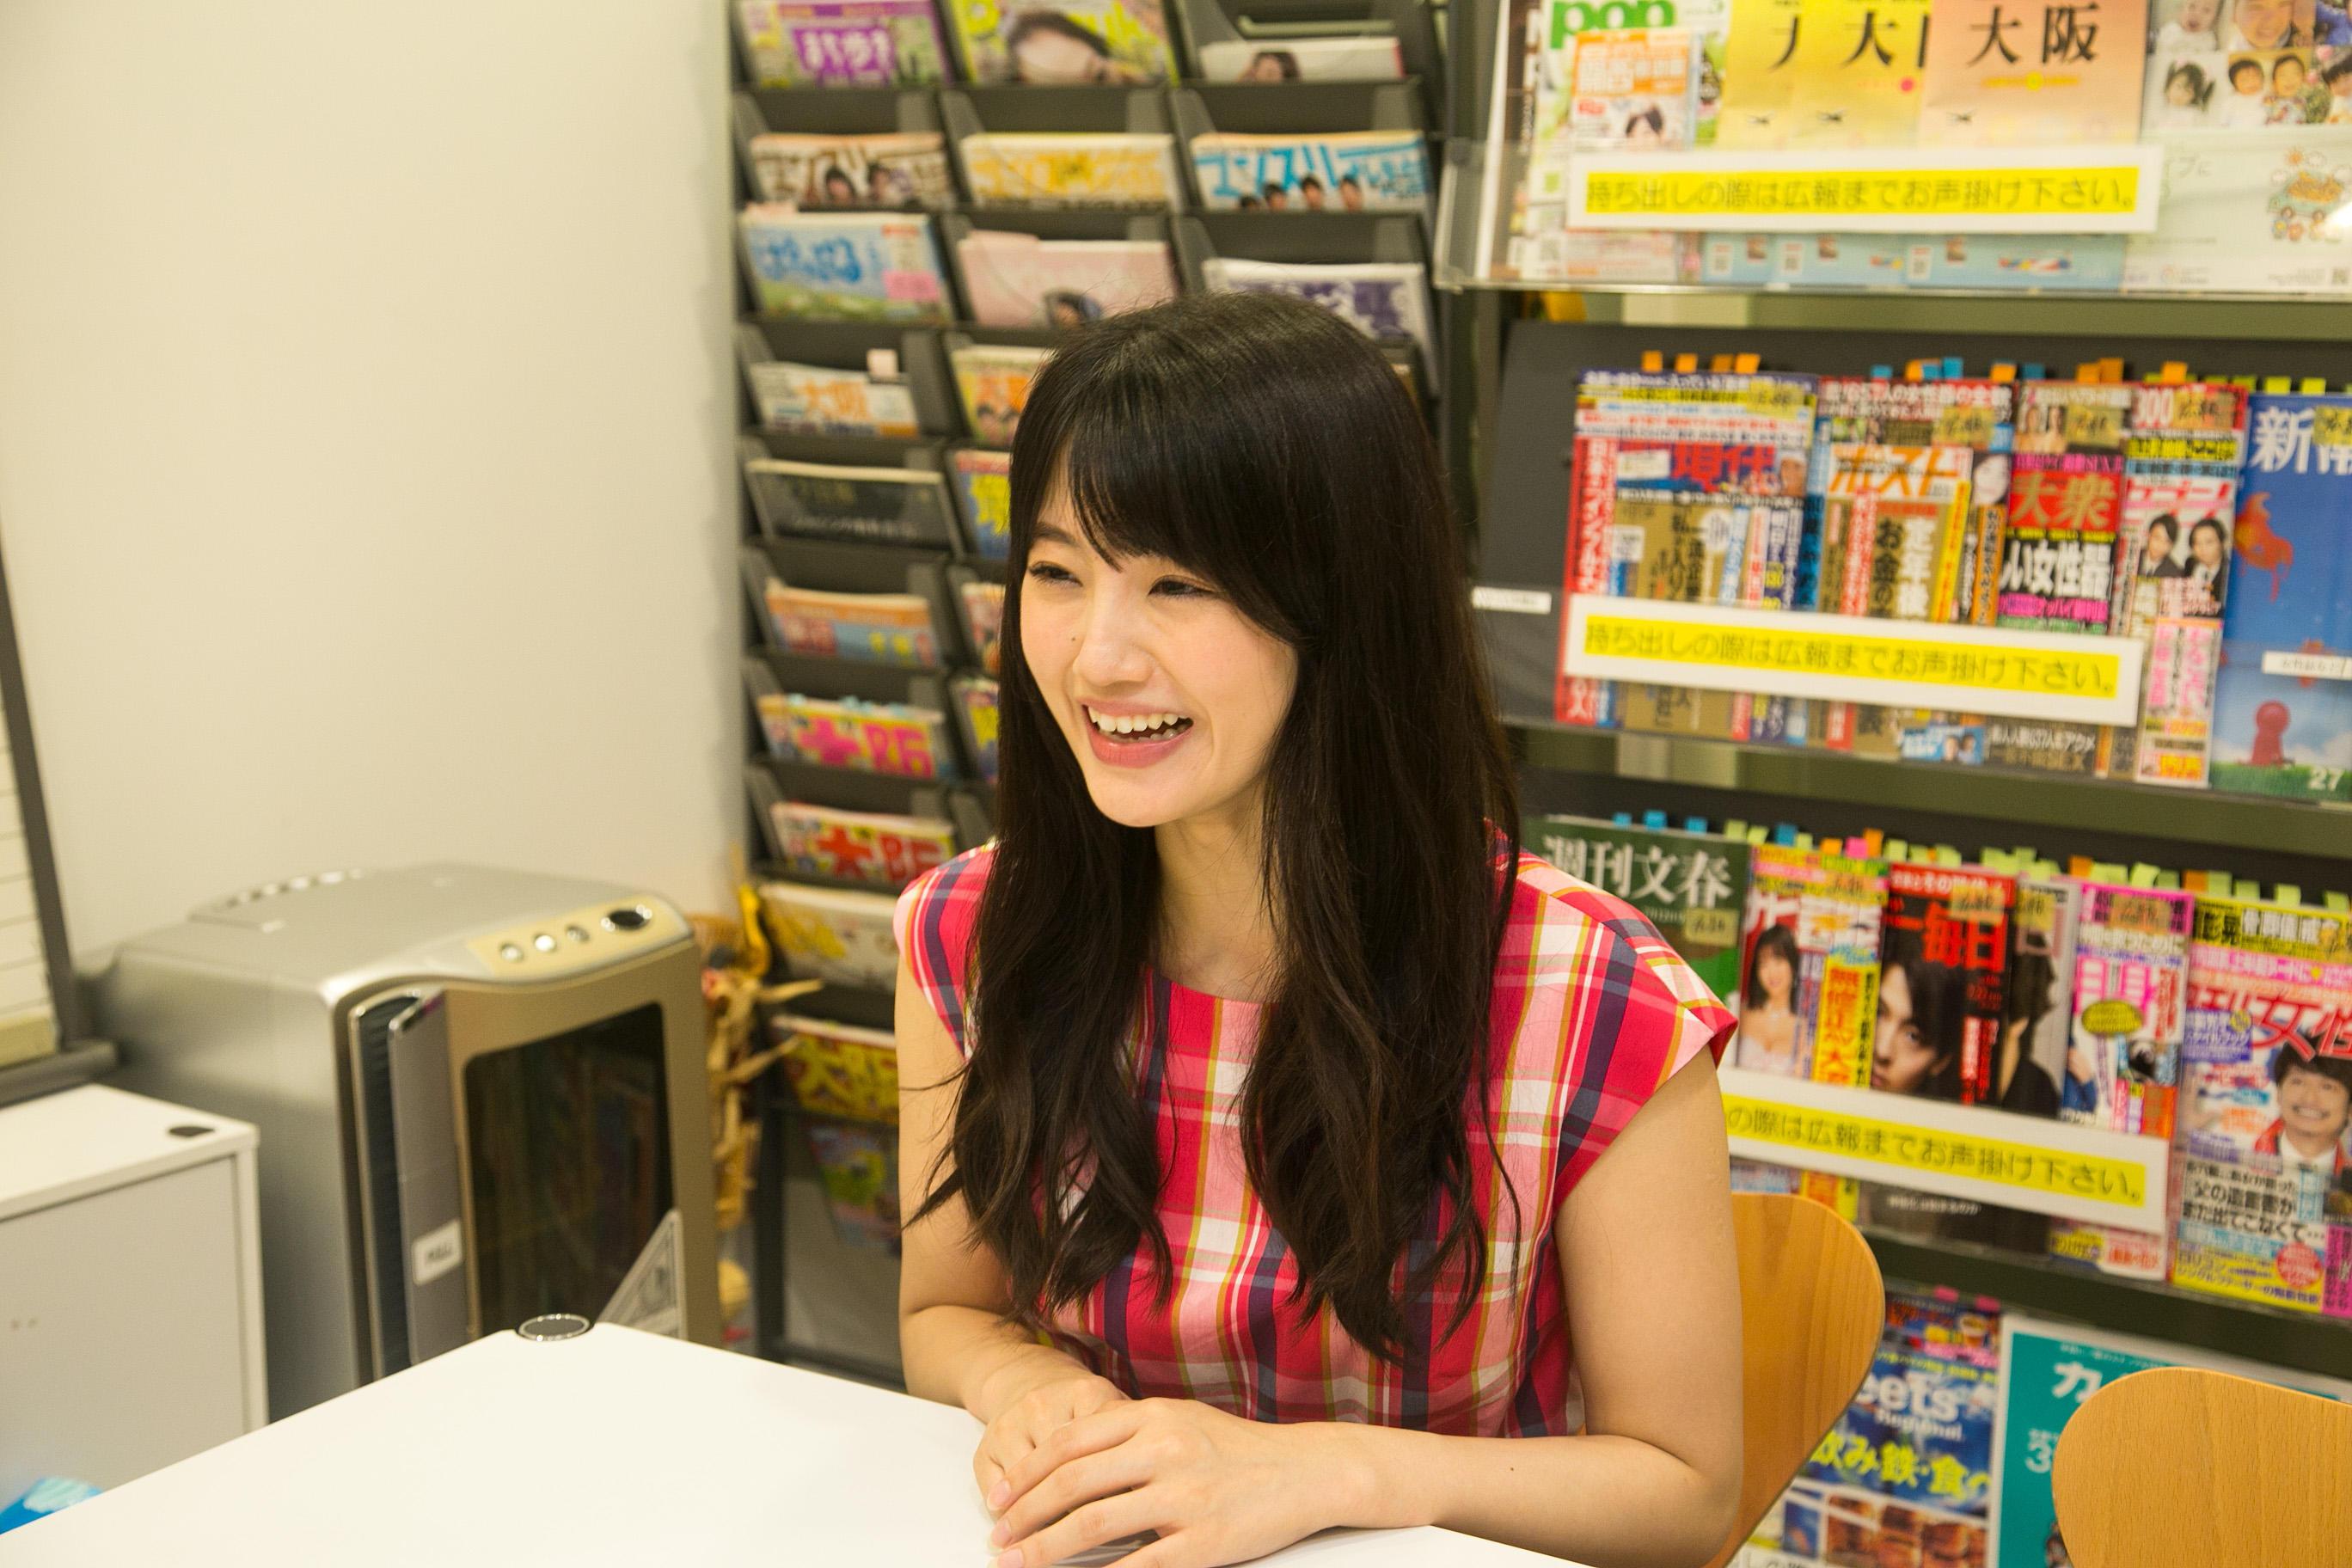 http://news.yoshimoto.co.jp/20180815120259-628d5b4a1647de70d638605d59e40b1d9252c36f.jpg